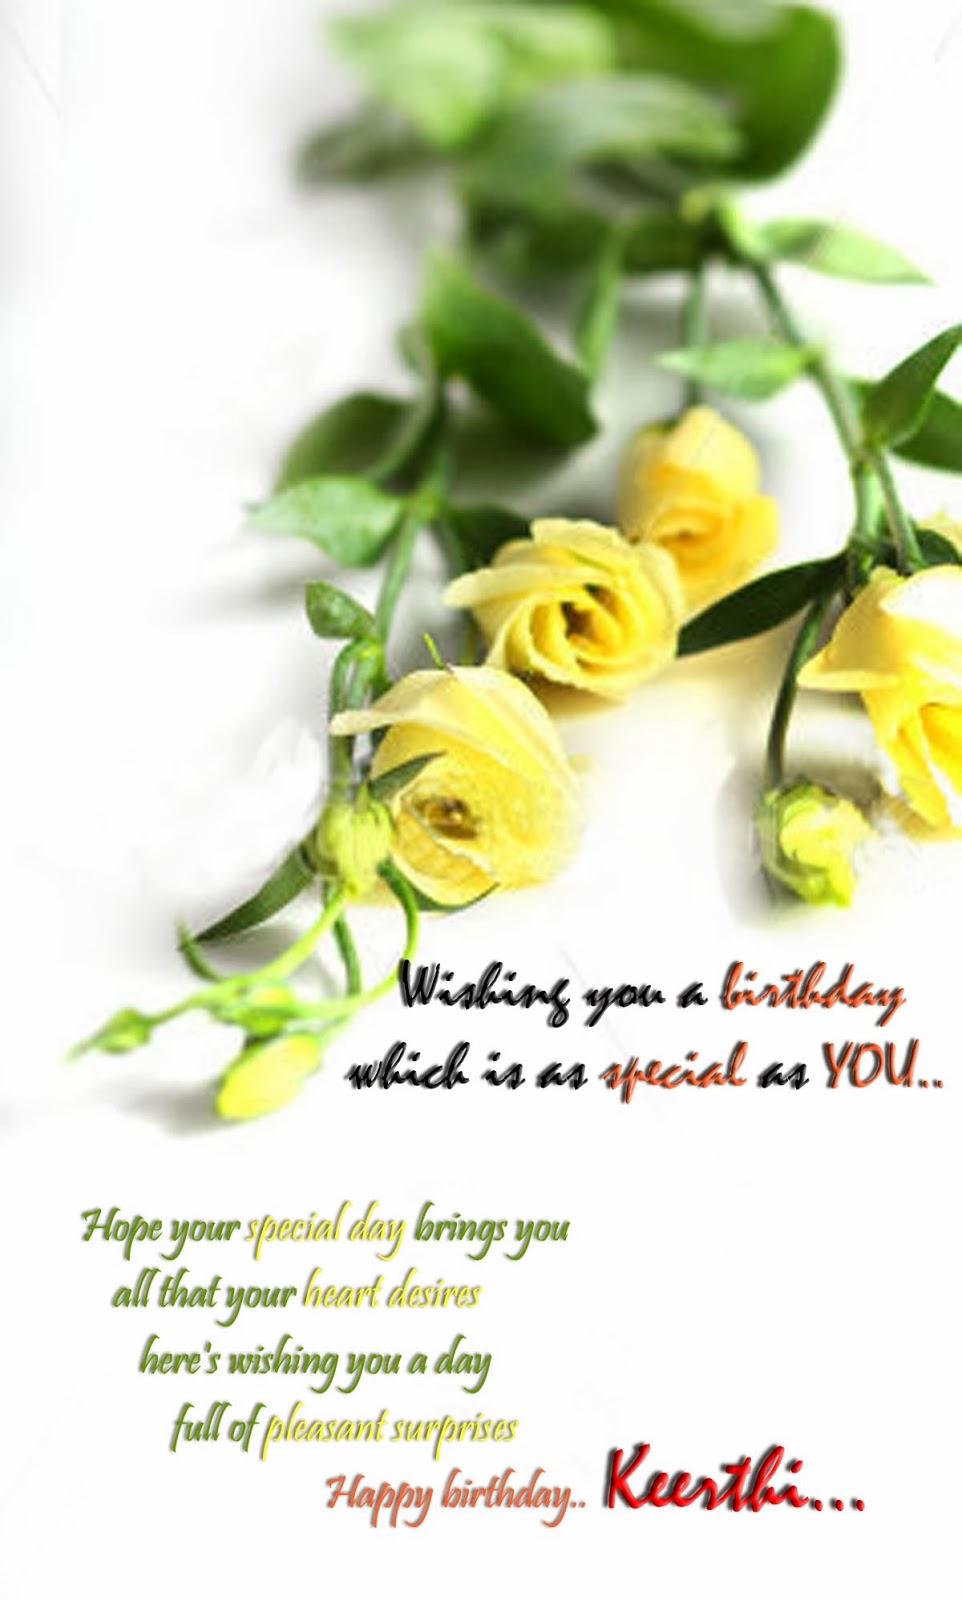 ... of Hosadurga: Many happy returns of the day. Happy Birthday Keerthi